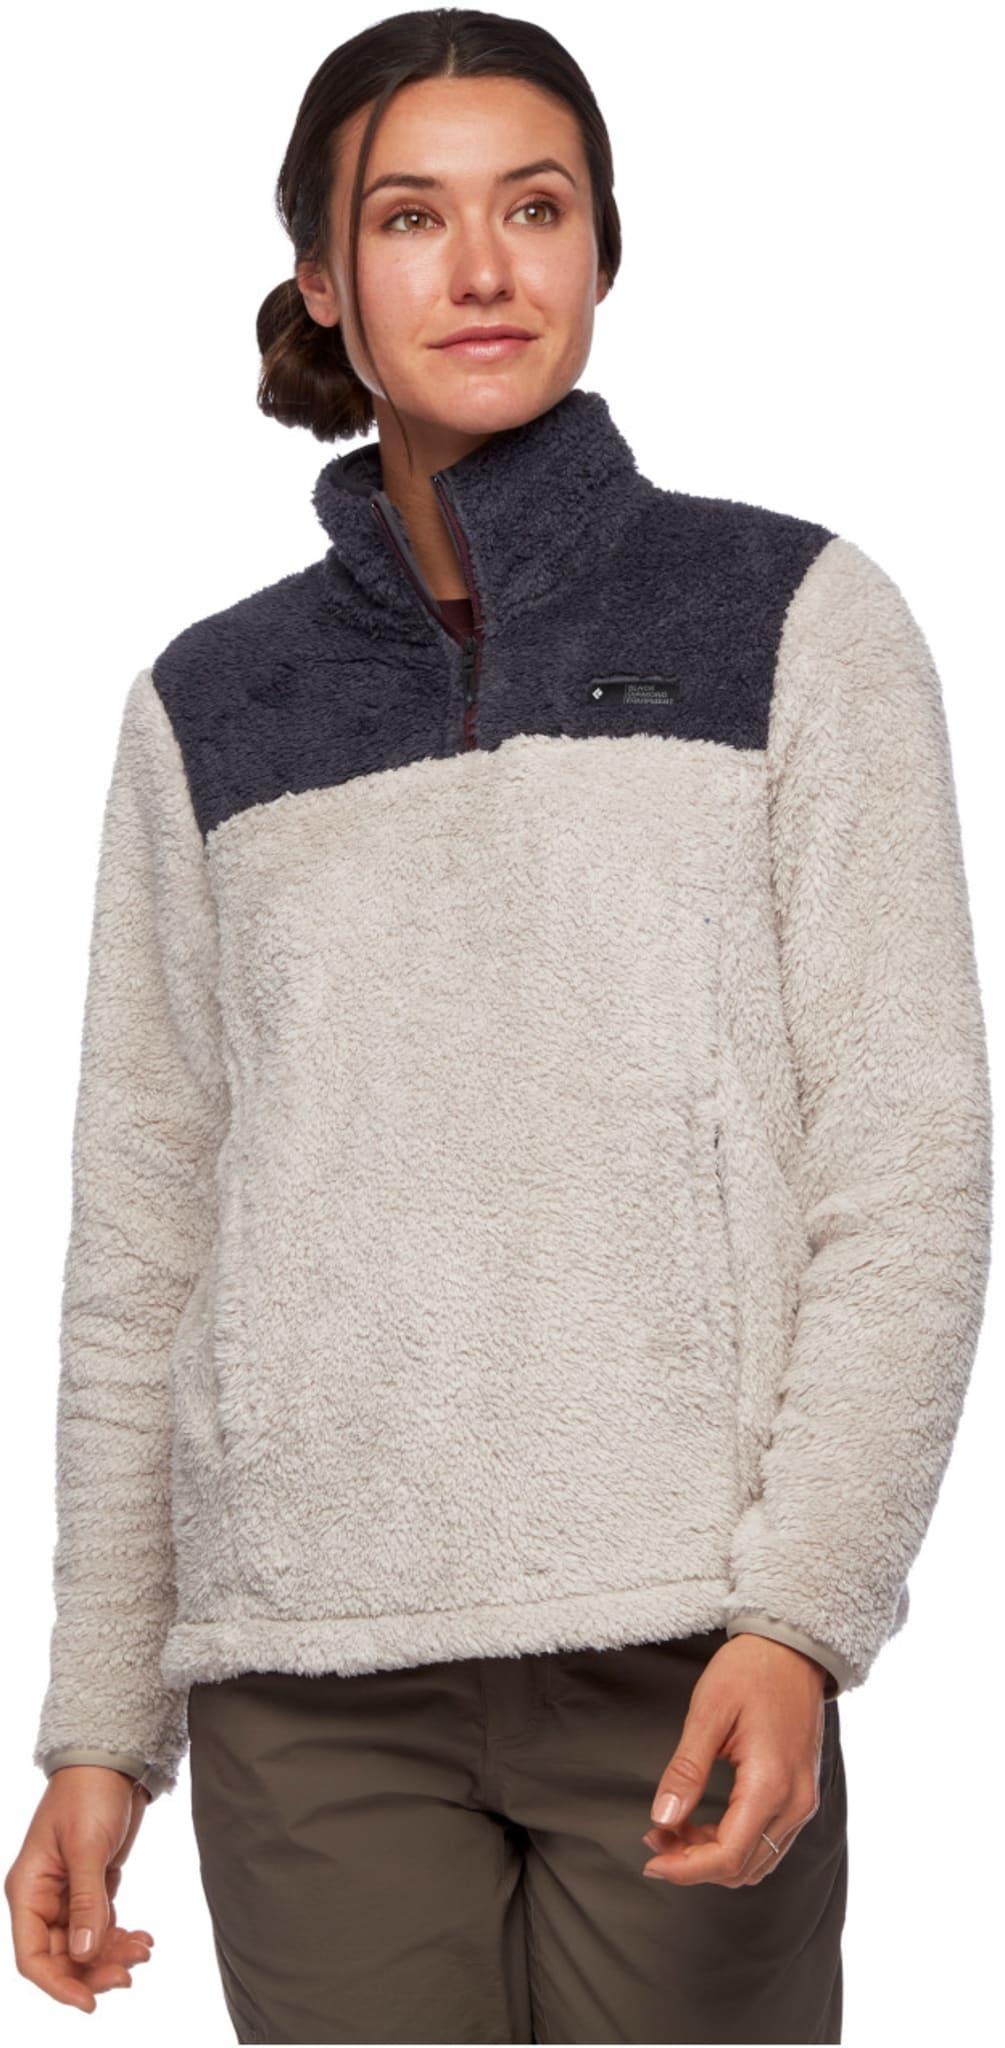 Luftig og komfortabel fleece